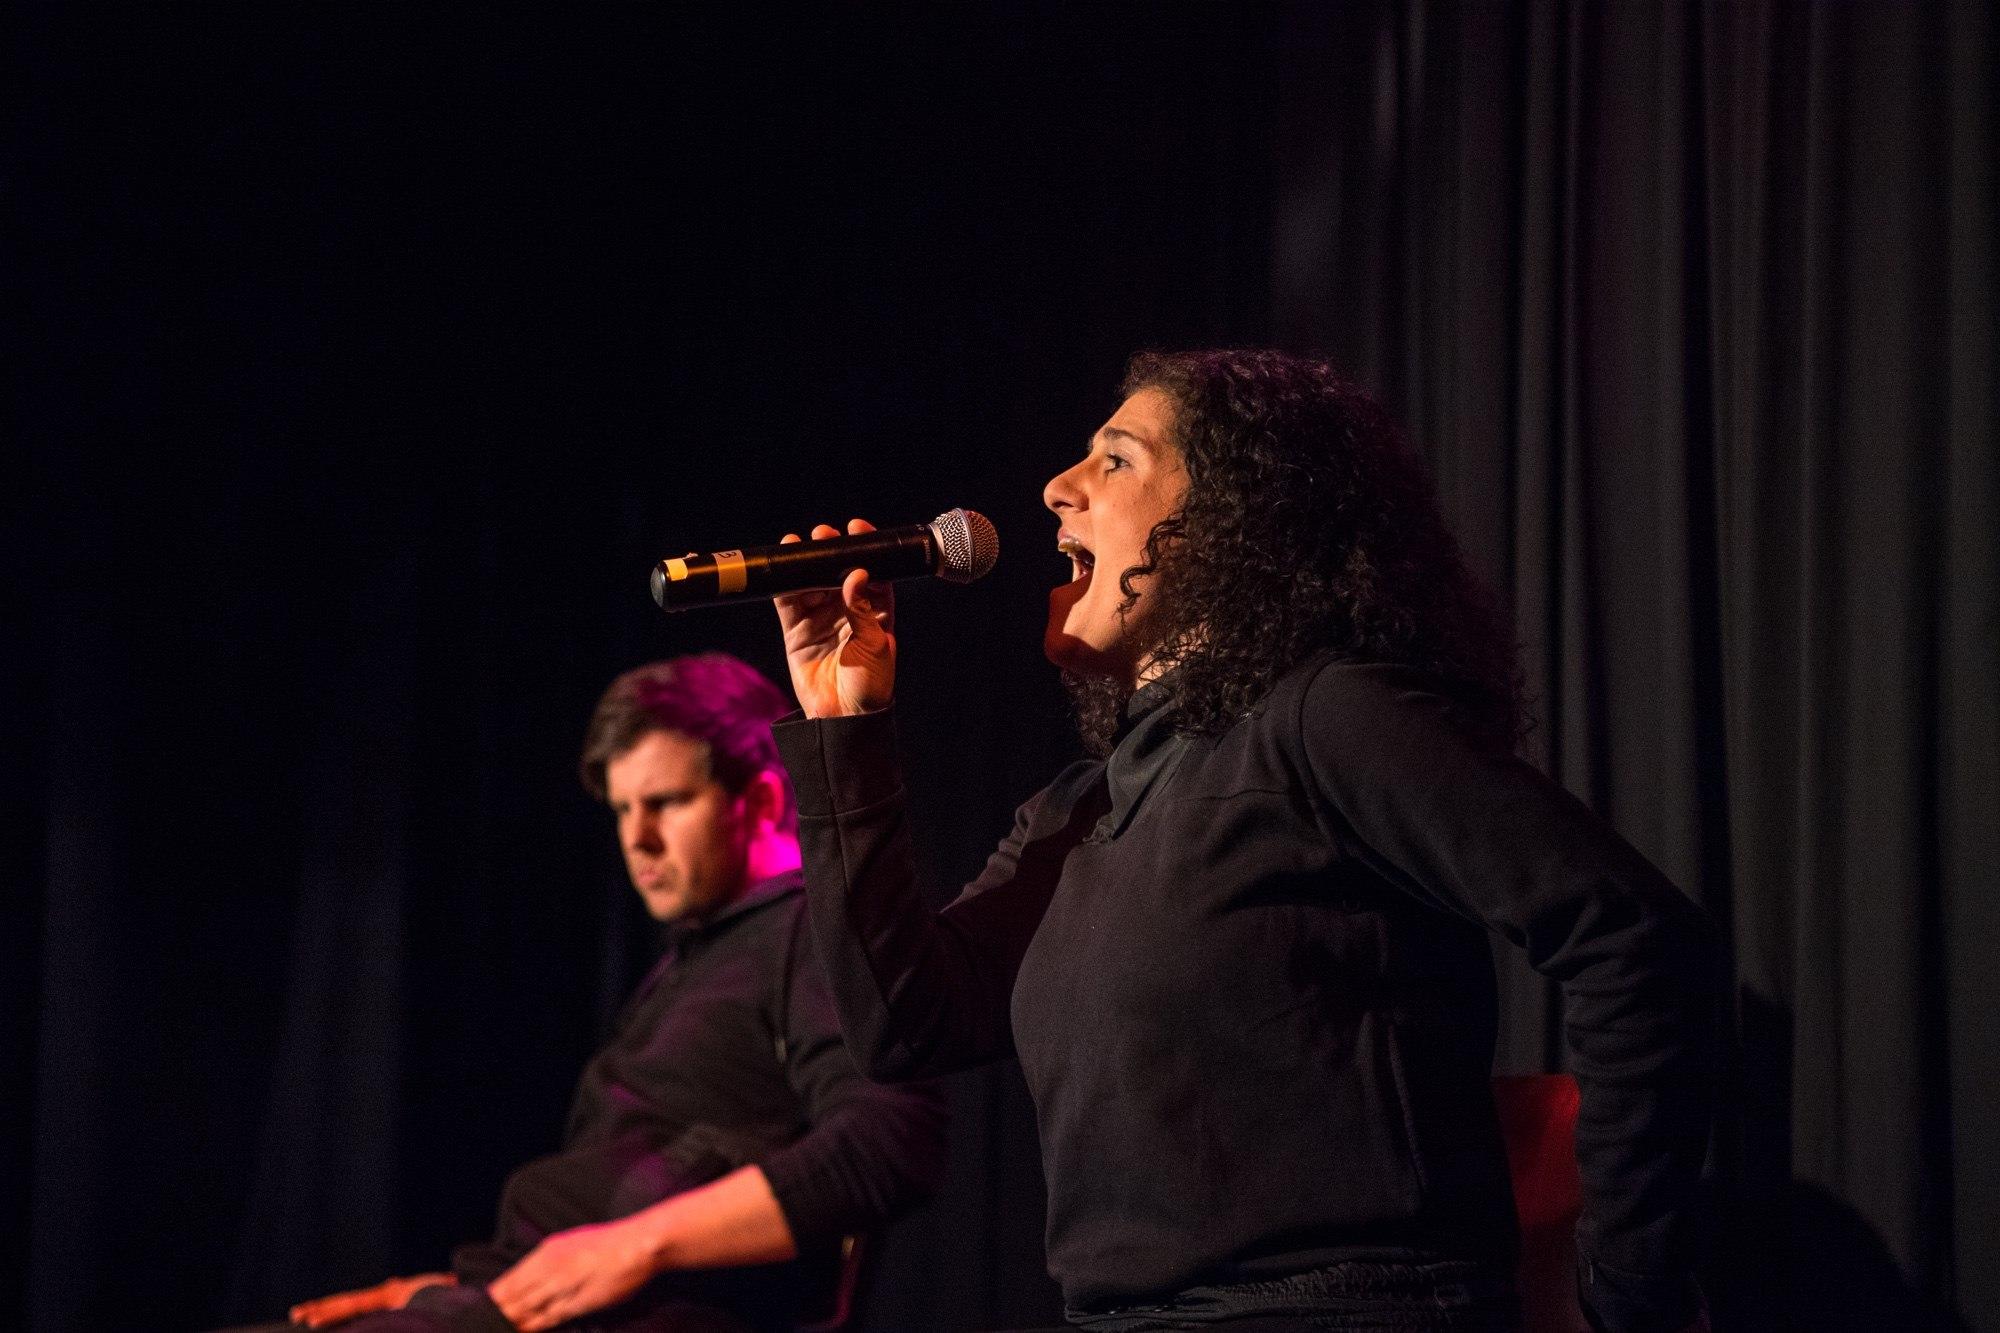 Ein Musical improvisieren? Das Duo von Luv & Lee machts möglich!